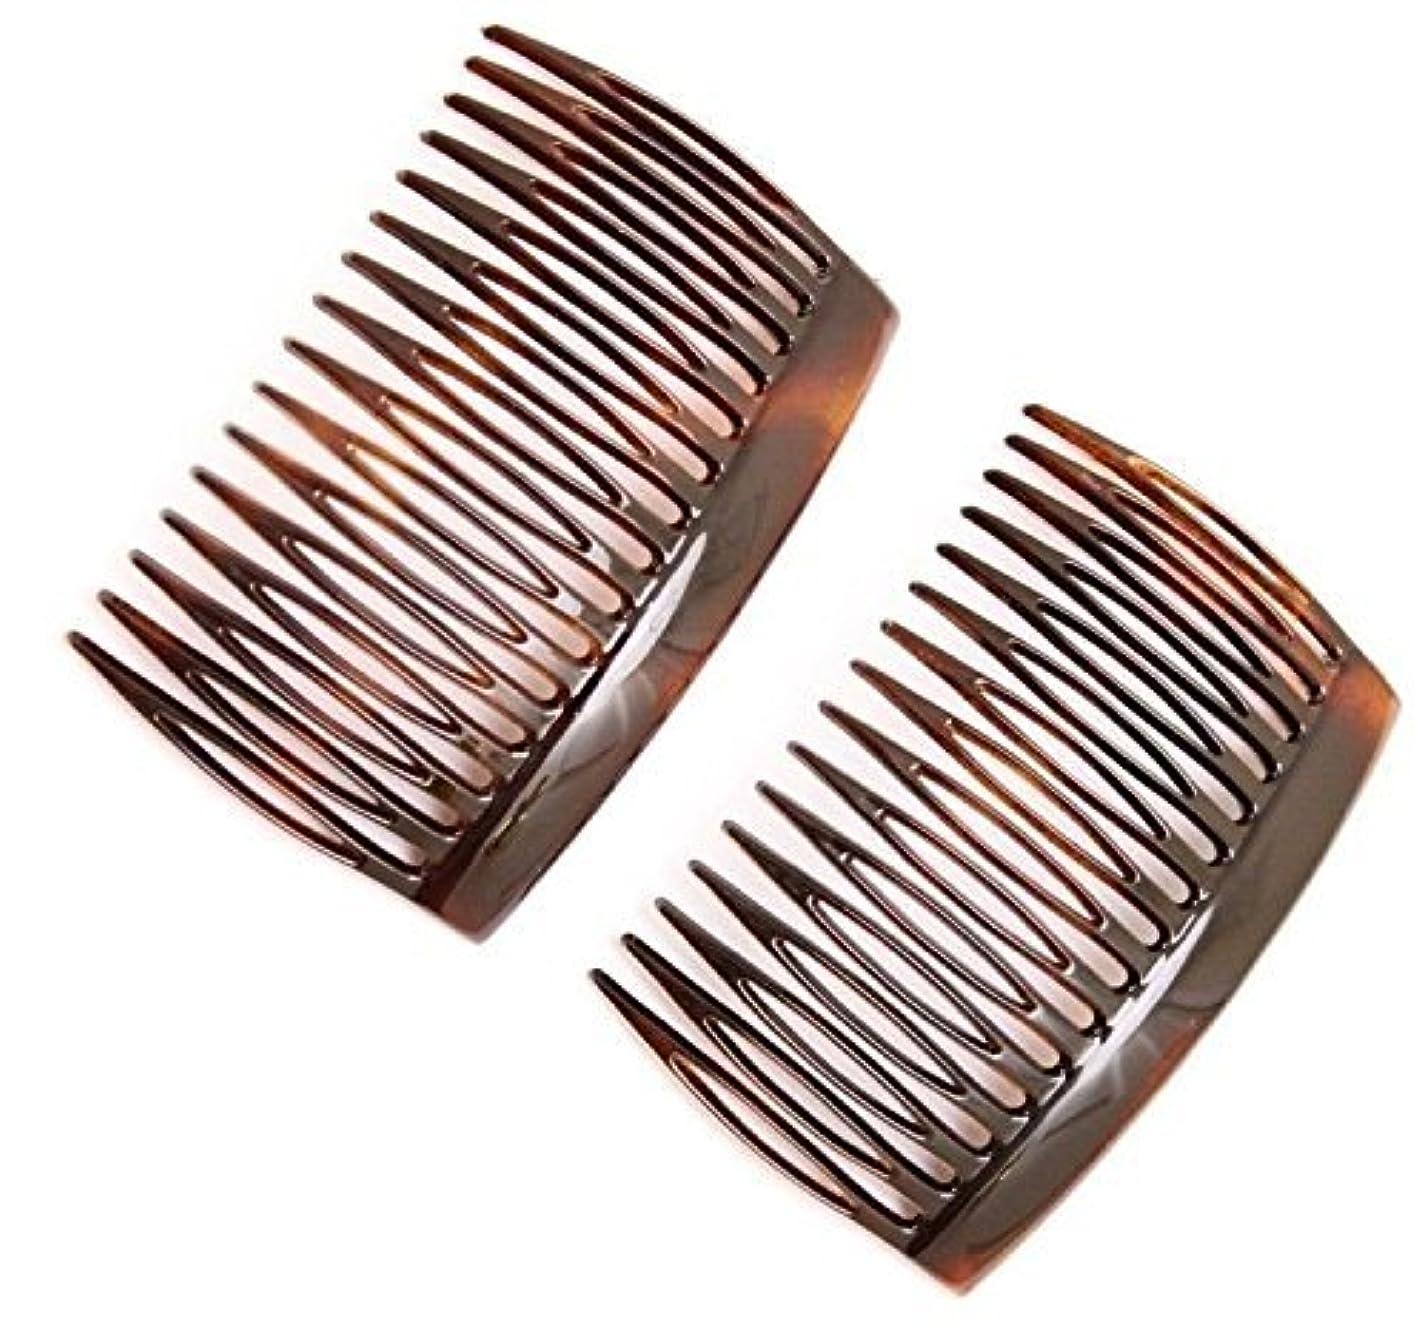 エンコミウム一時解雇する涙Parcelona French 2 Pieces Glossy Celluloid Shell Good Grip Updo 16 Teeth Hair Side Combs -2.75 Inches (2 Pcs)...